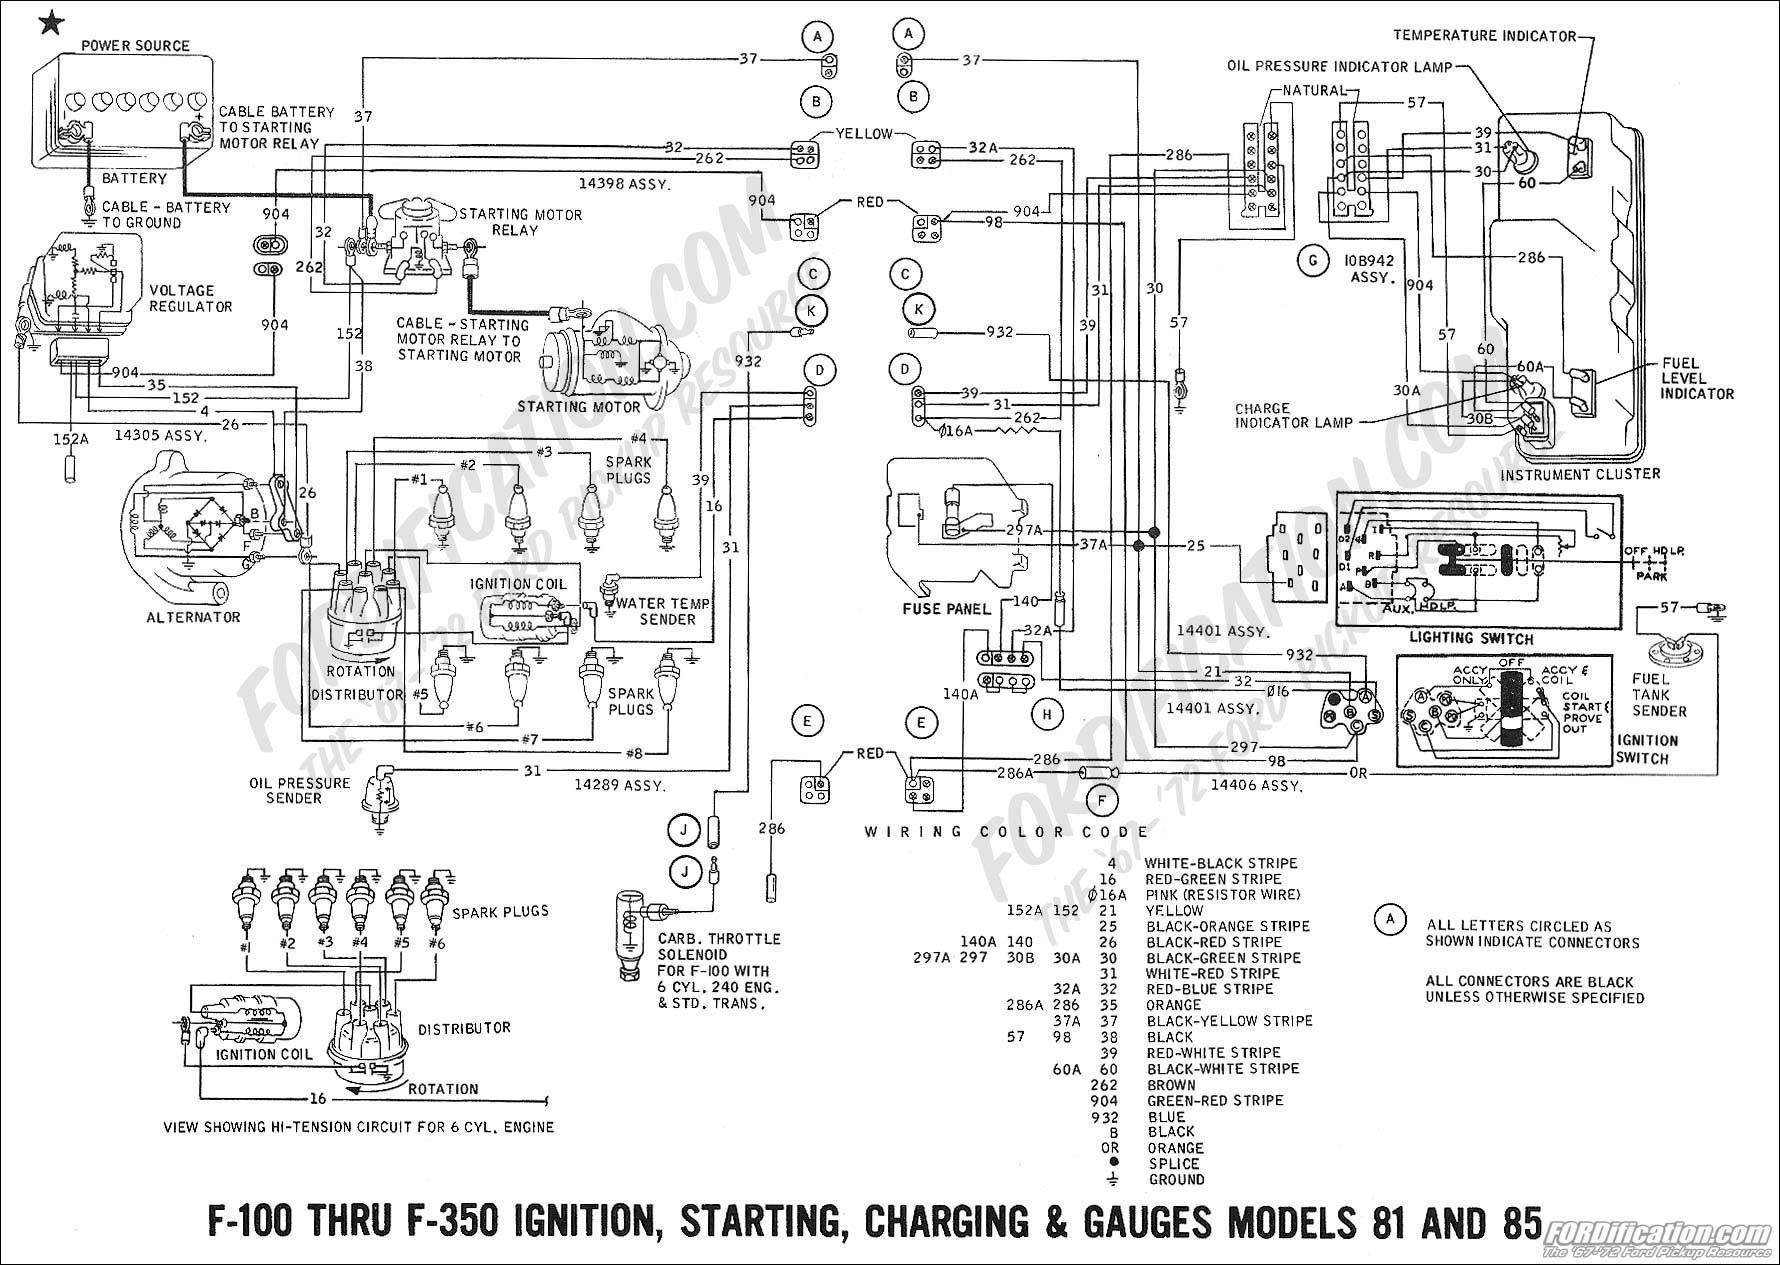 3 hole plug wiring diagram